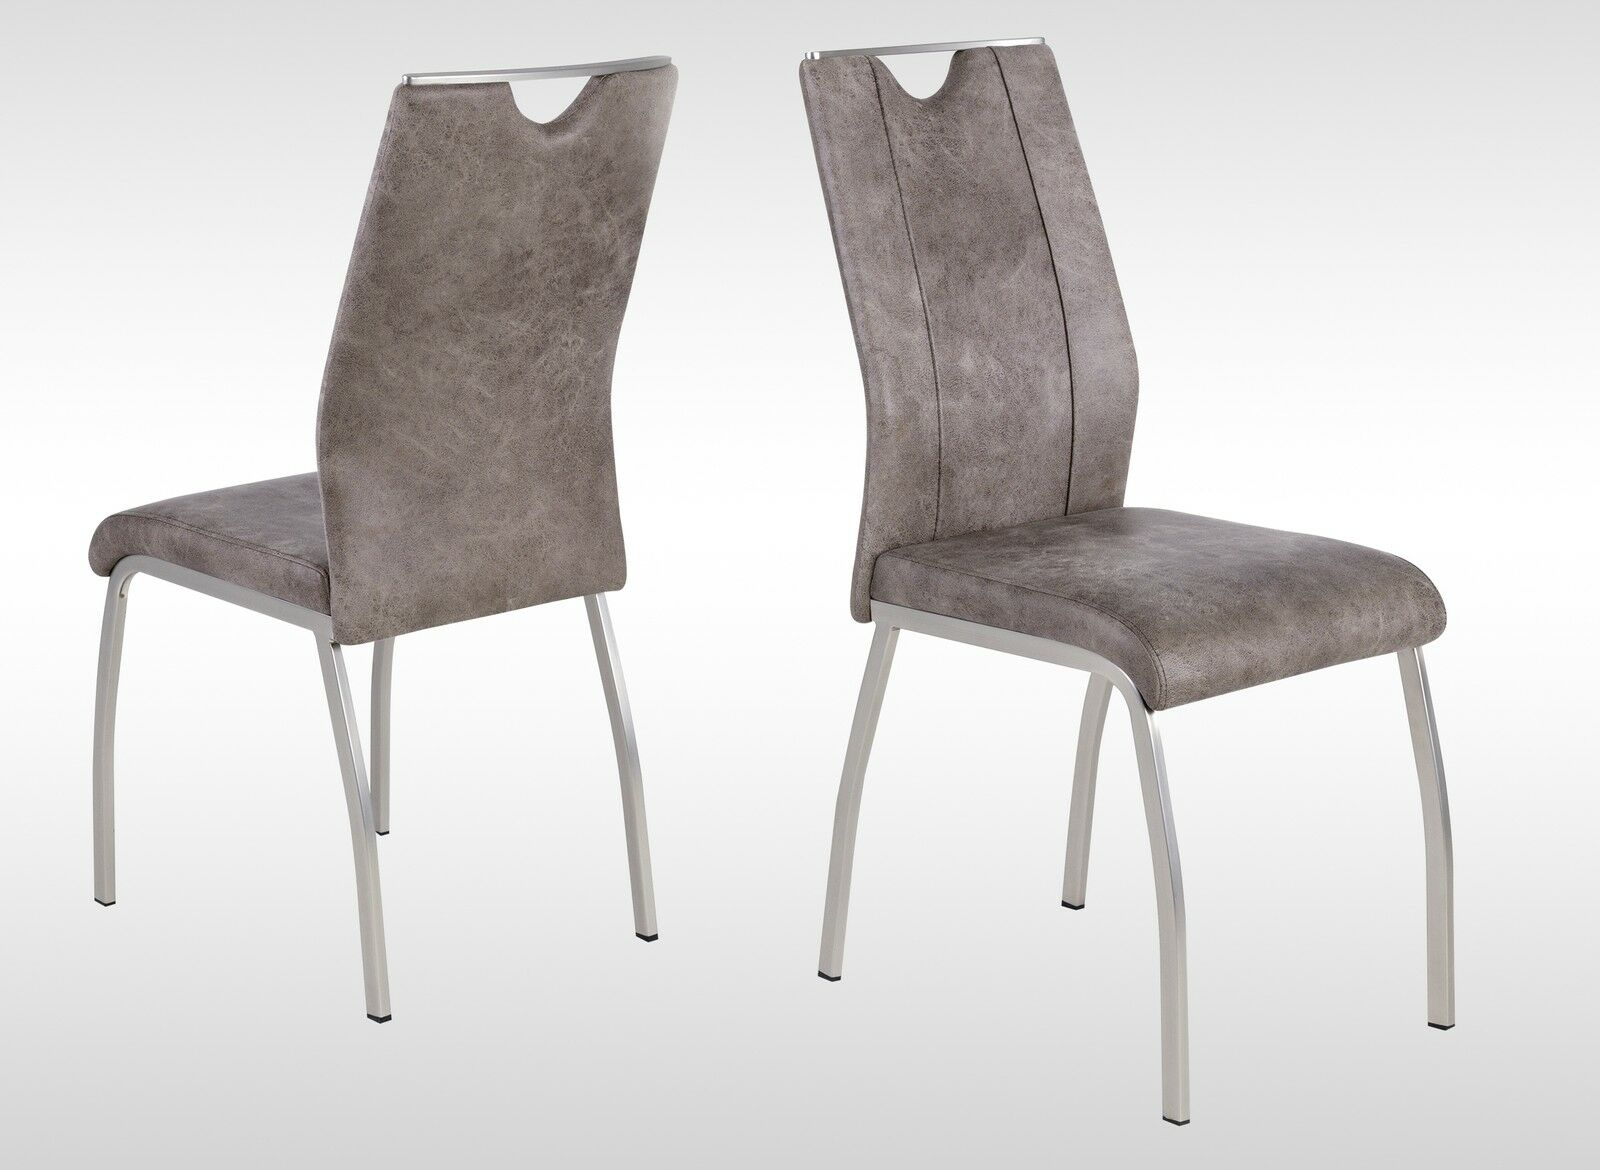 4 X Stuhle Hellbraun Kufe Edelstahl Look Vintage Stuhlset Esszimmer